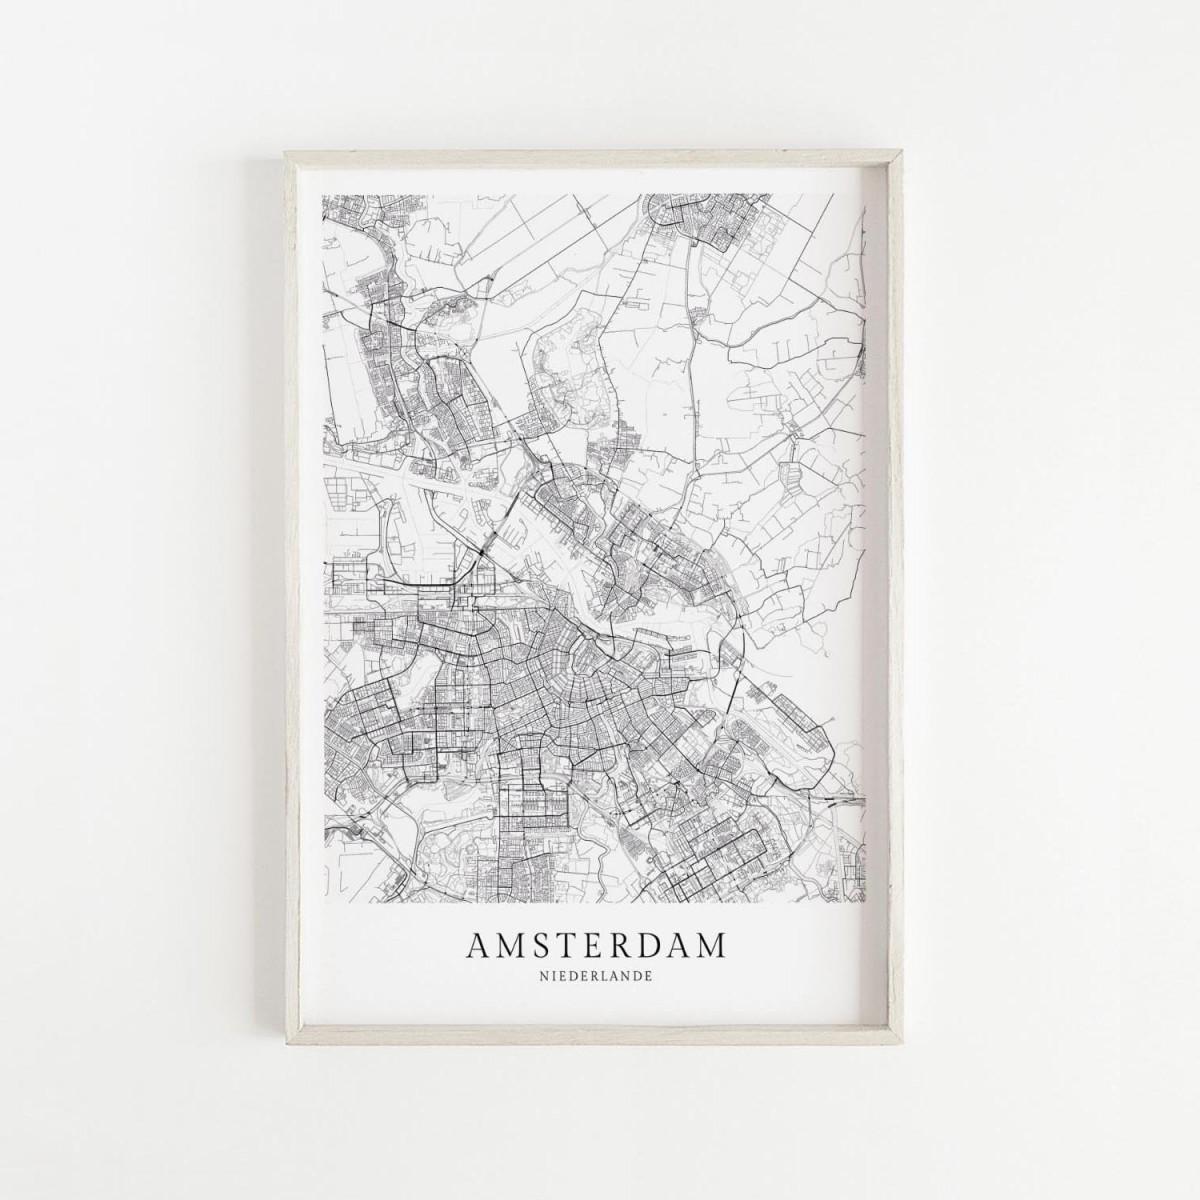 Amsterdam Karte als hochwertiger Print - Posterdruck im skandinavischen Stil Skanemarie